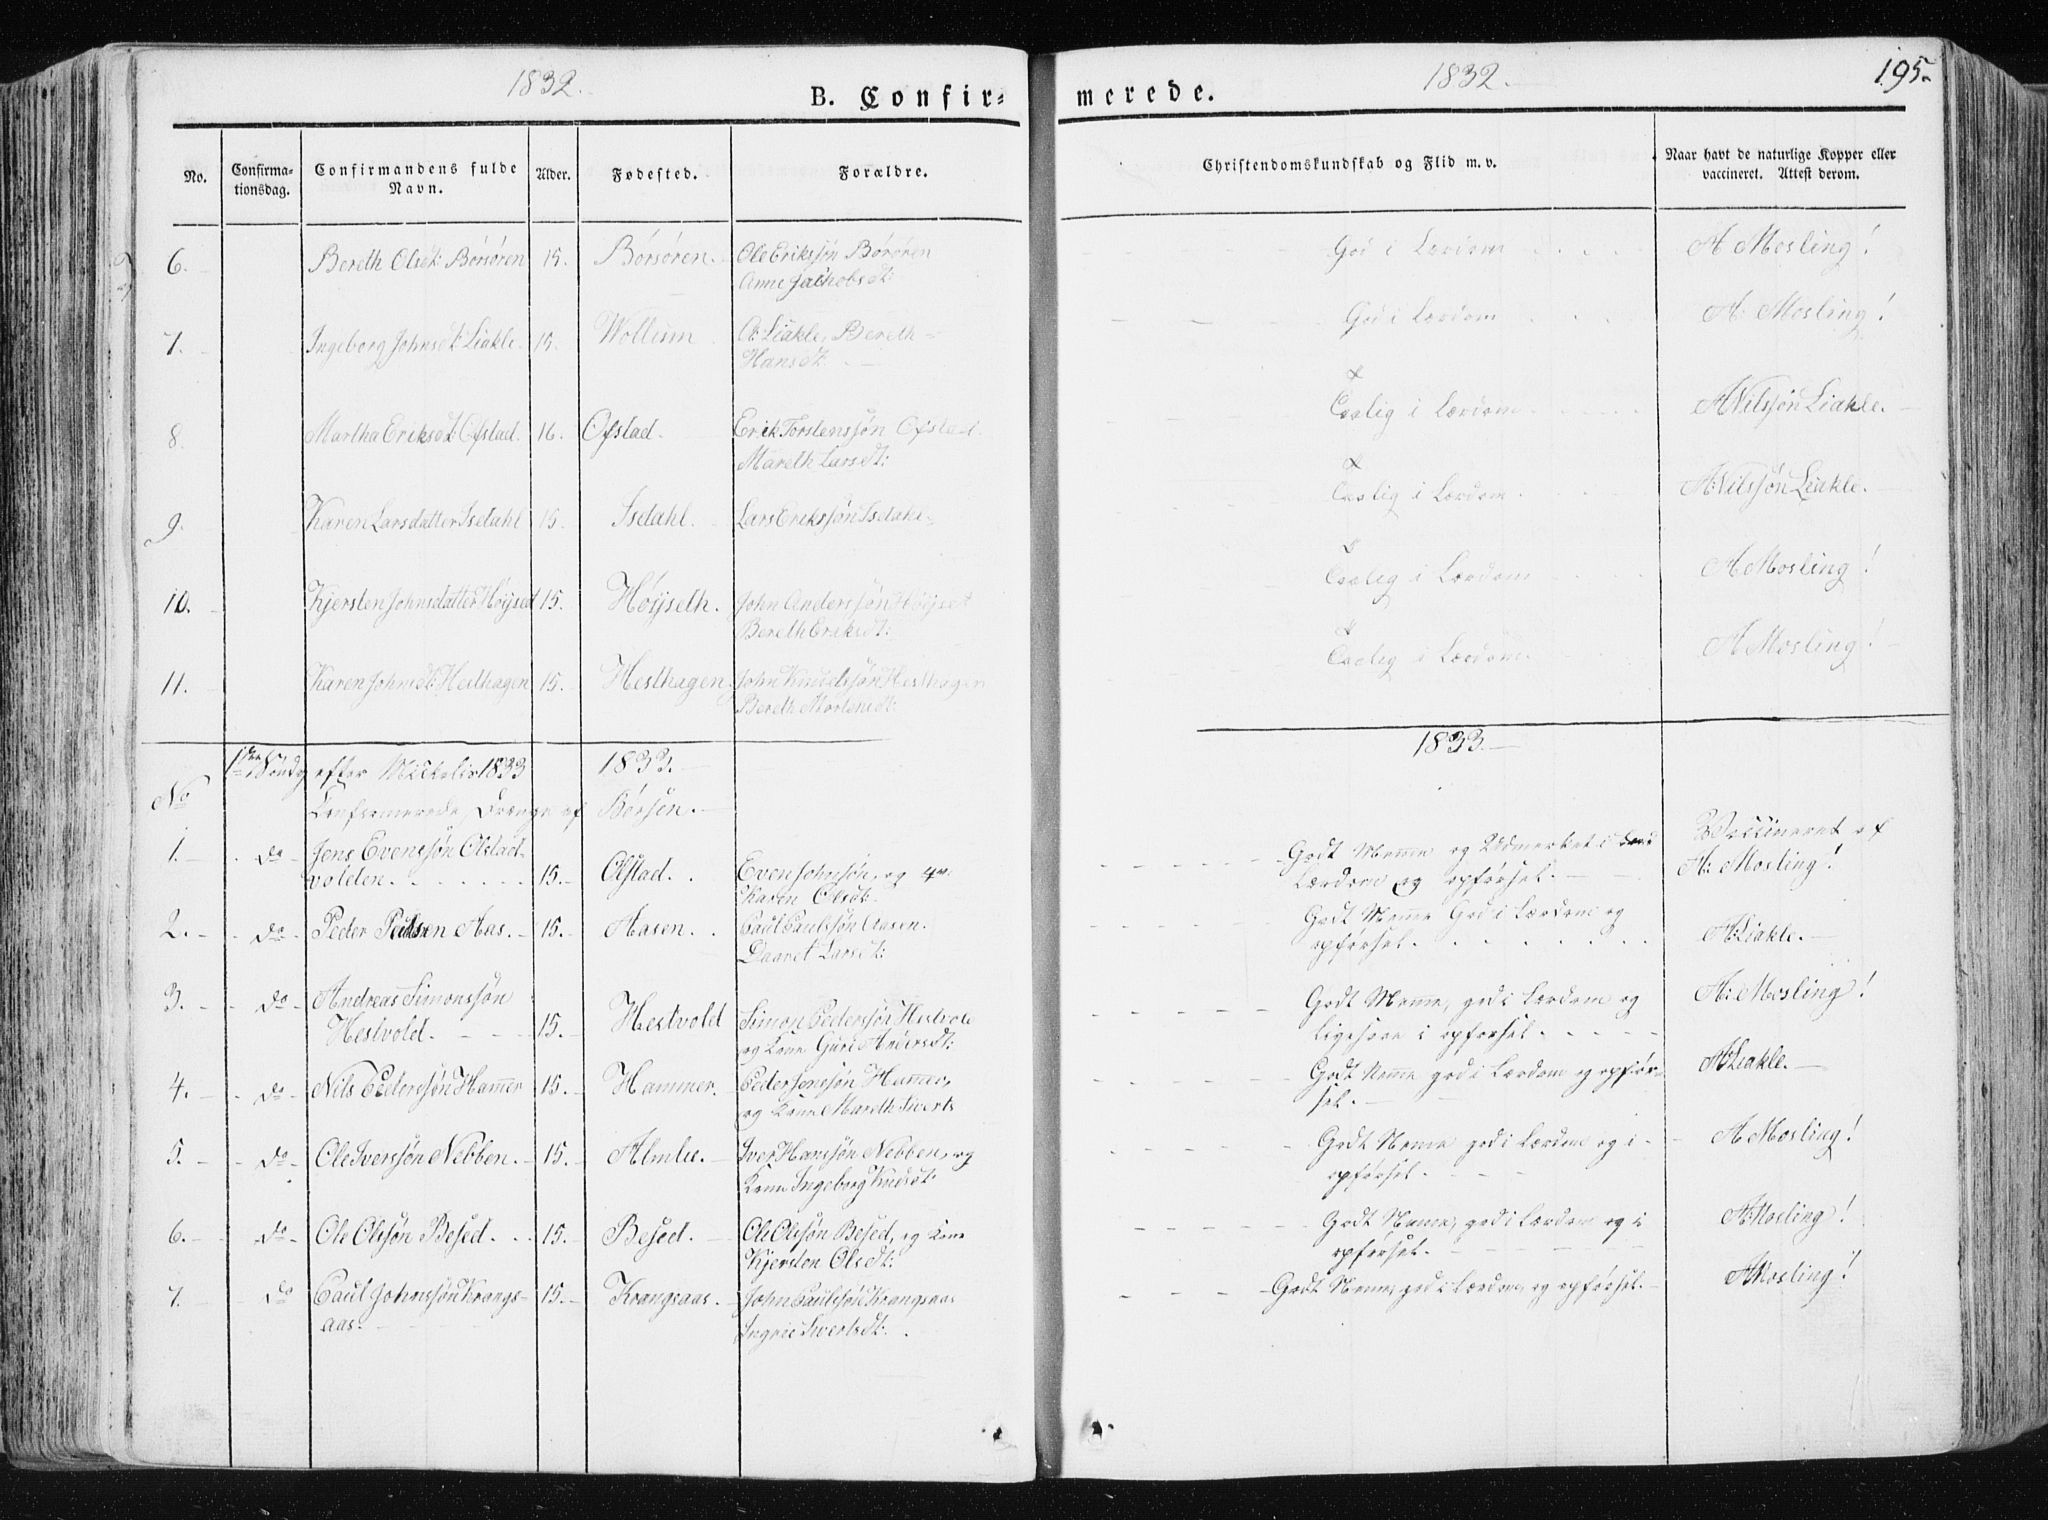 SAT, Ministerialprotokoller, klokkerbøker og fødselsregistre - Sør-Trøndelag, 665/L0771: Ministerialbok nr. 665A06, 1830-1856, s. 195